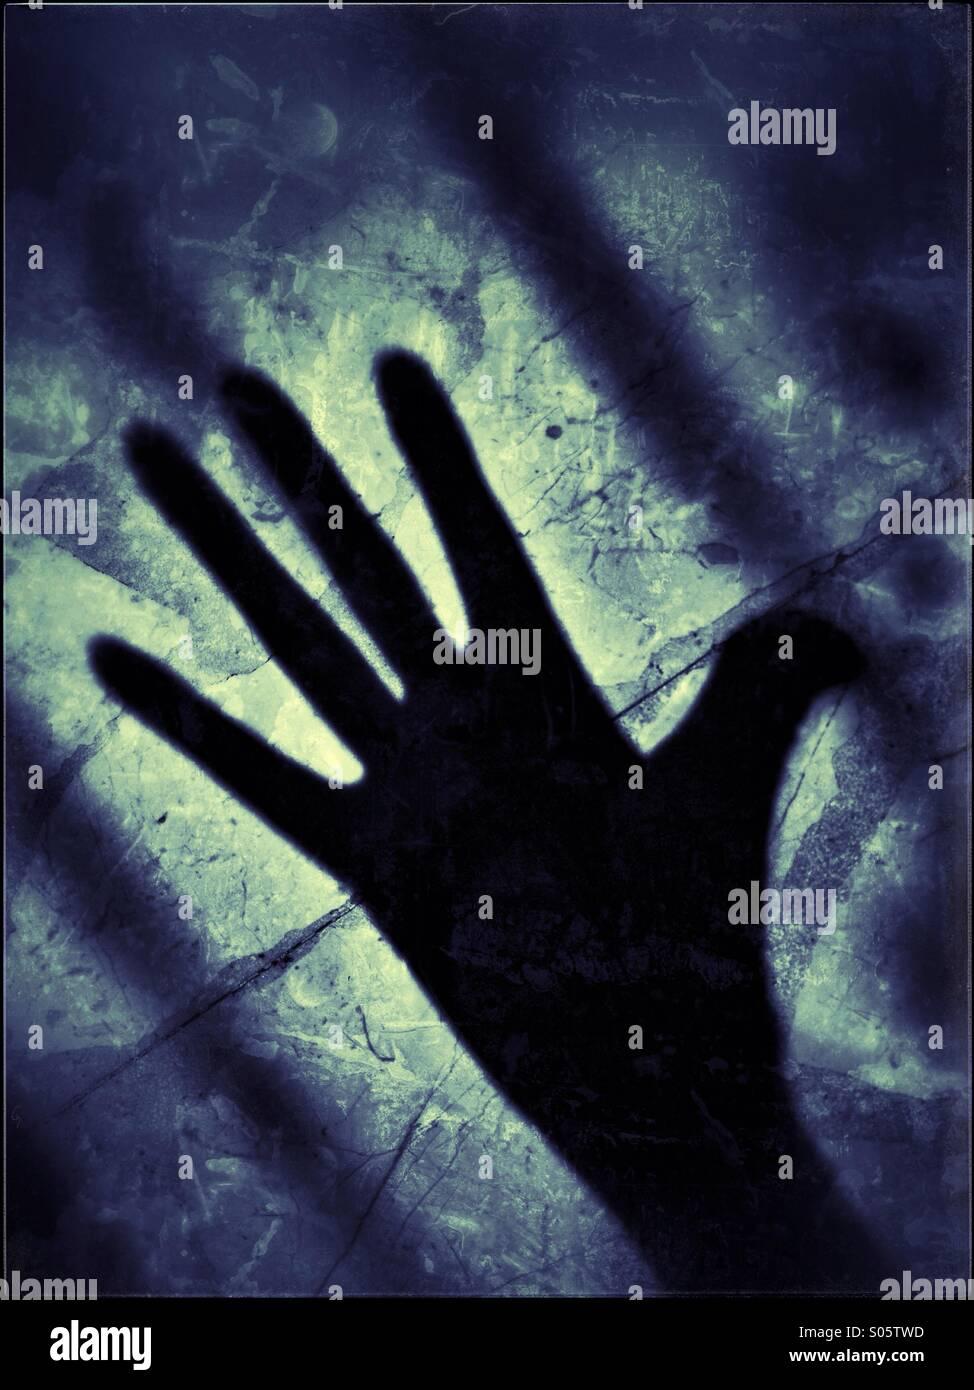 La sombra alargada de una mano. Imagen De Stock